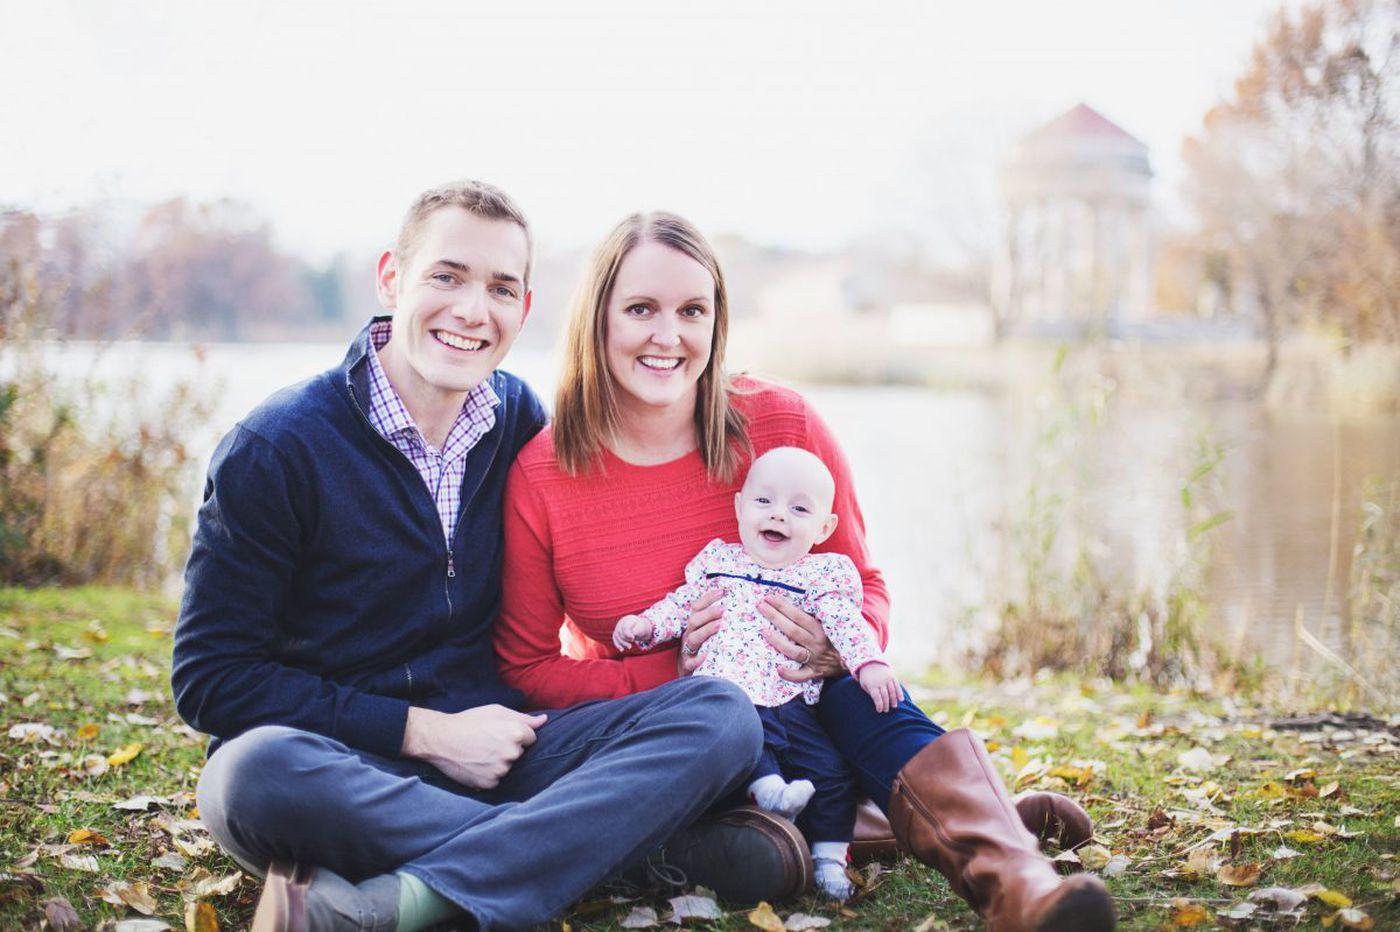 The Parent Trip: Meagan and Rhett Brackeen of Point Breeze